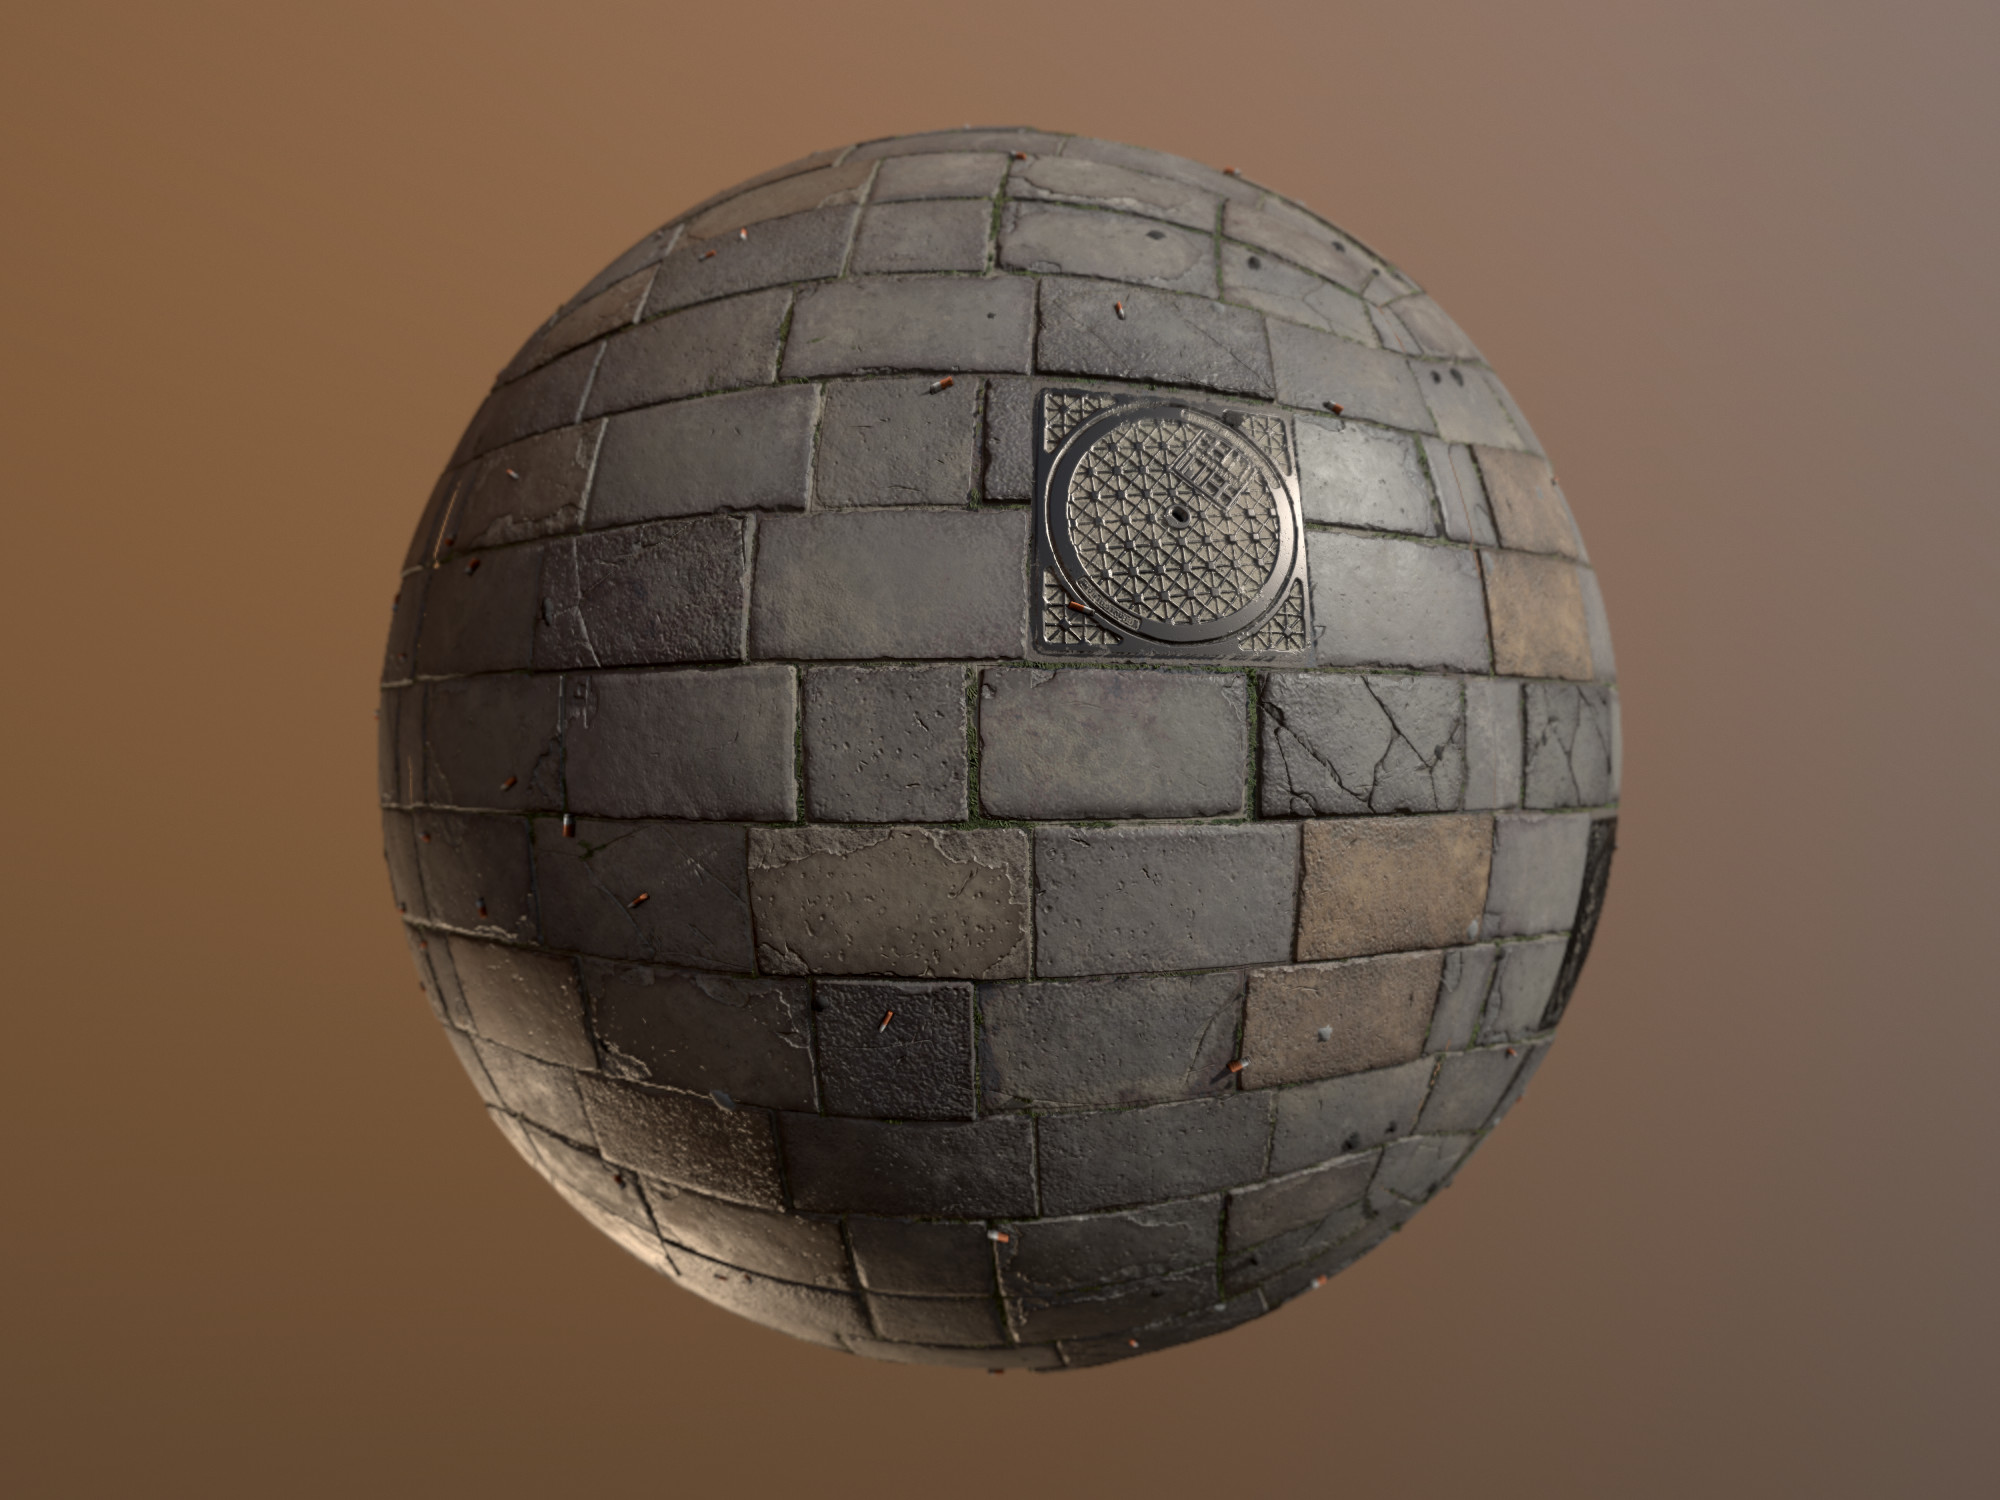 Mat Ball